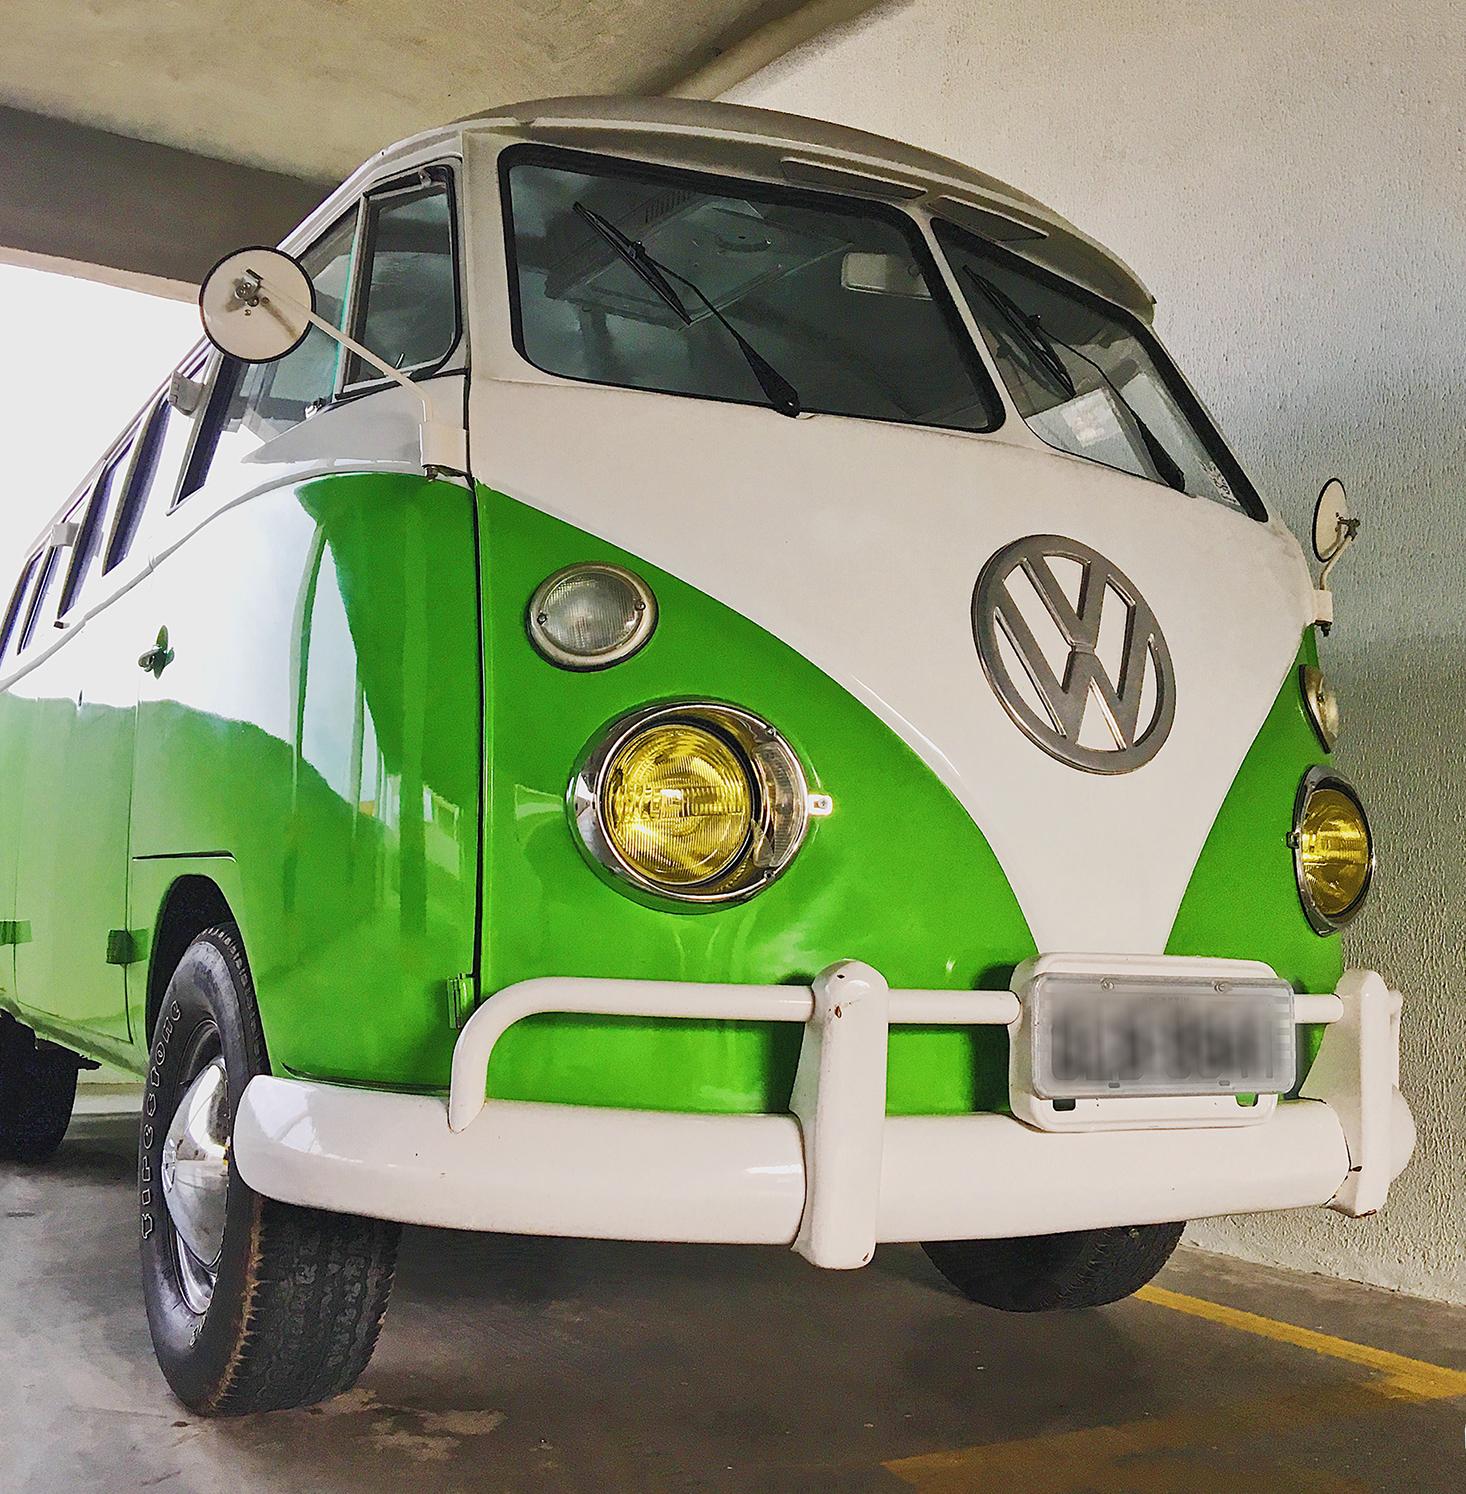 Kombi 1972 Corujinha verde restaurada pela criadora da marca La Kombi